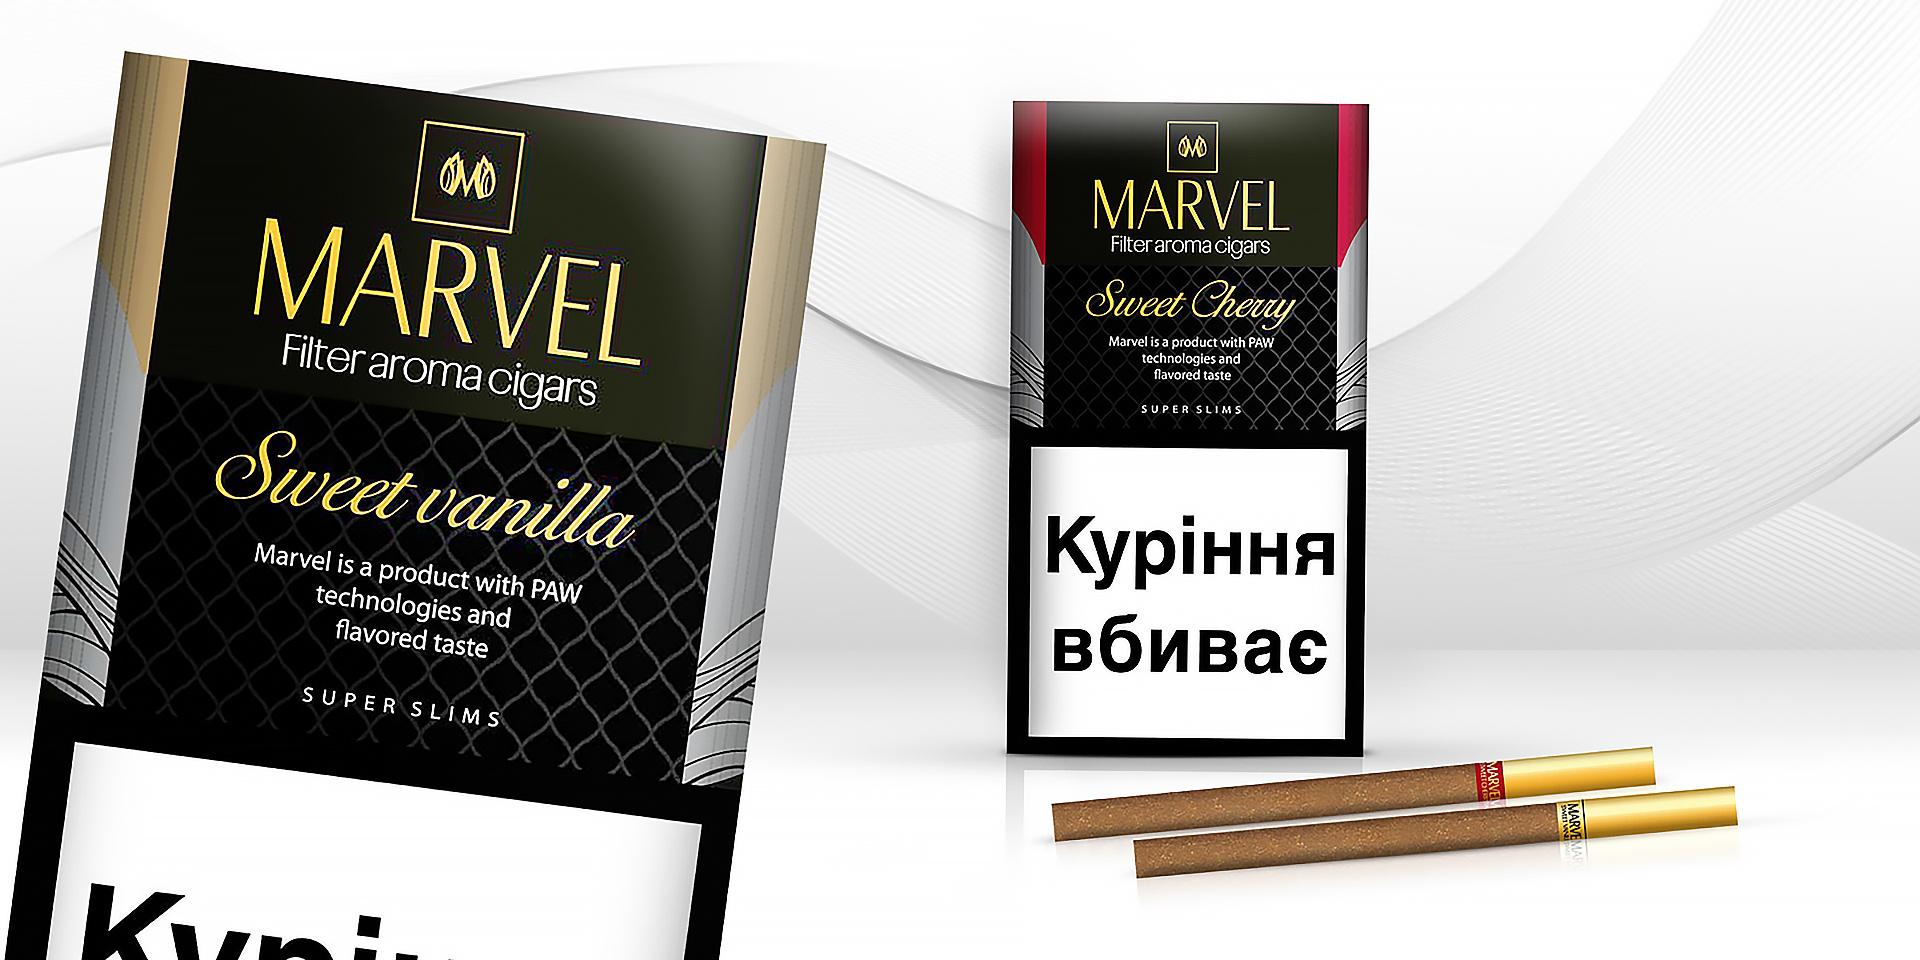 Сигареты Marvel. Нейминг. Брендинг. Дизайн упаковки – Решения для брендов  GBS